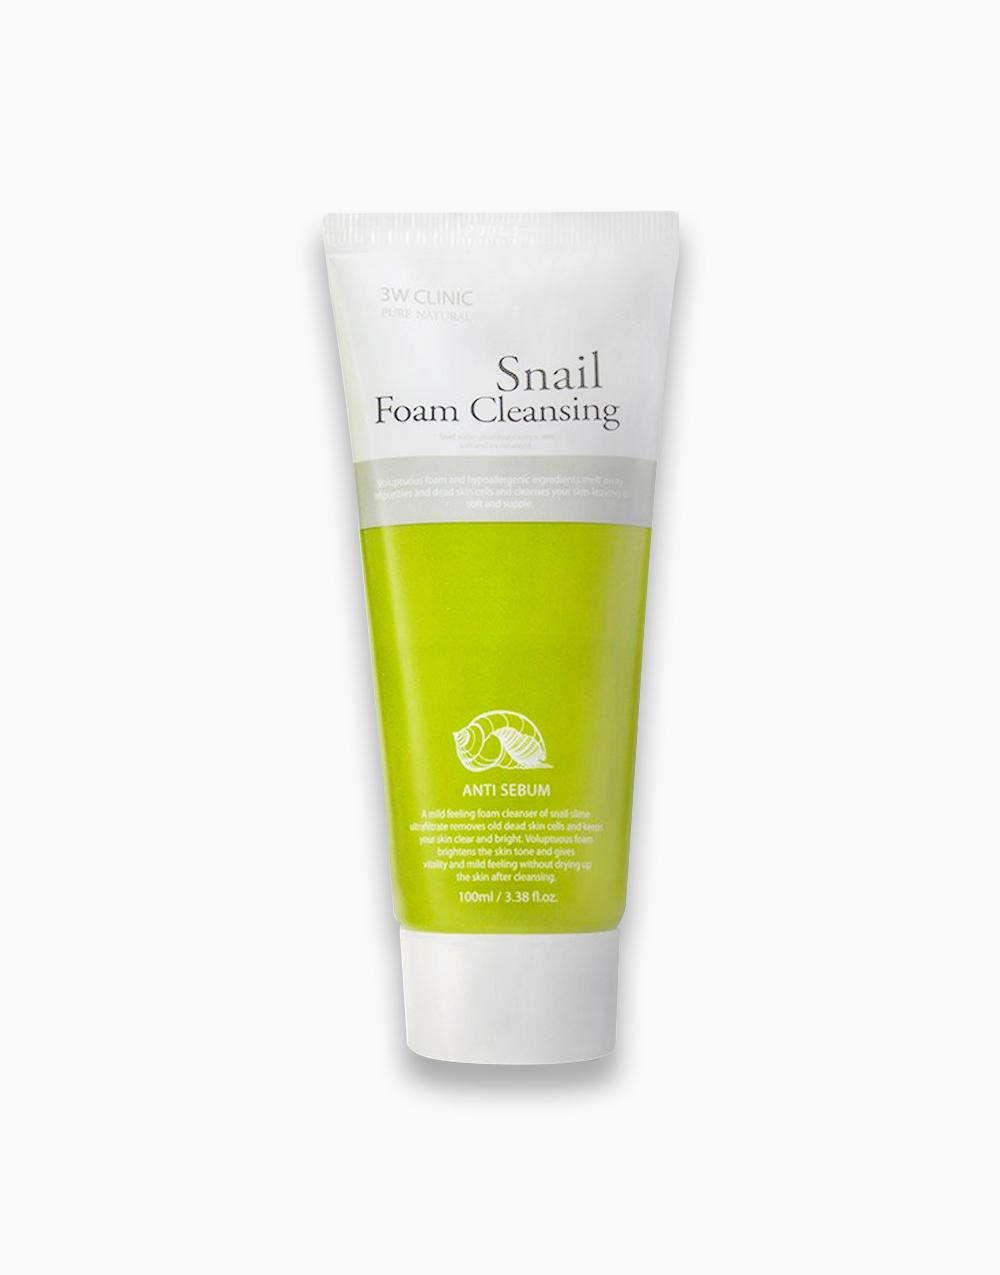 Snail Foam Cleansing by 3W Clinic